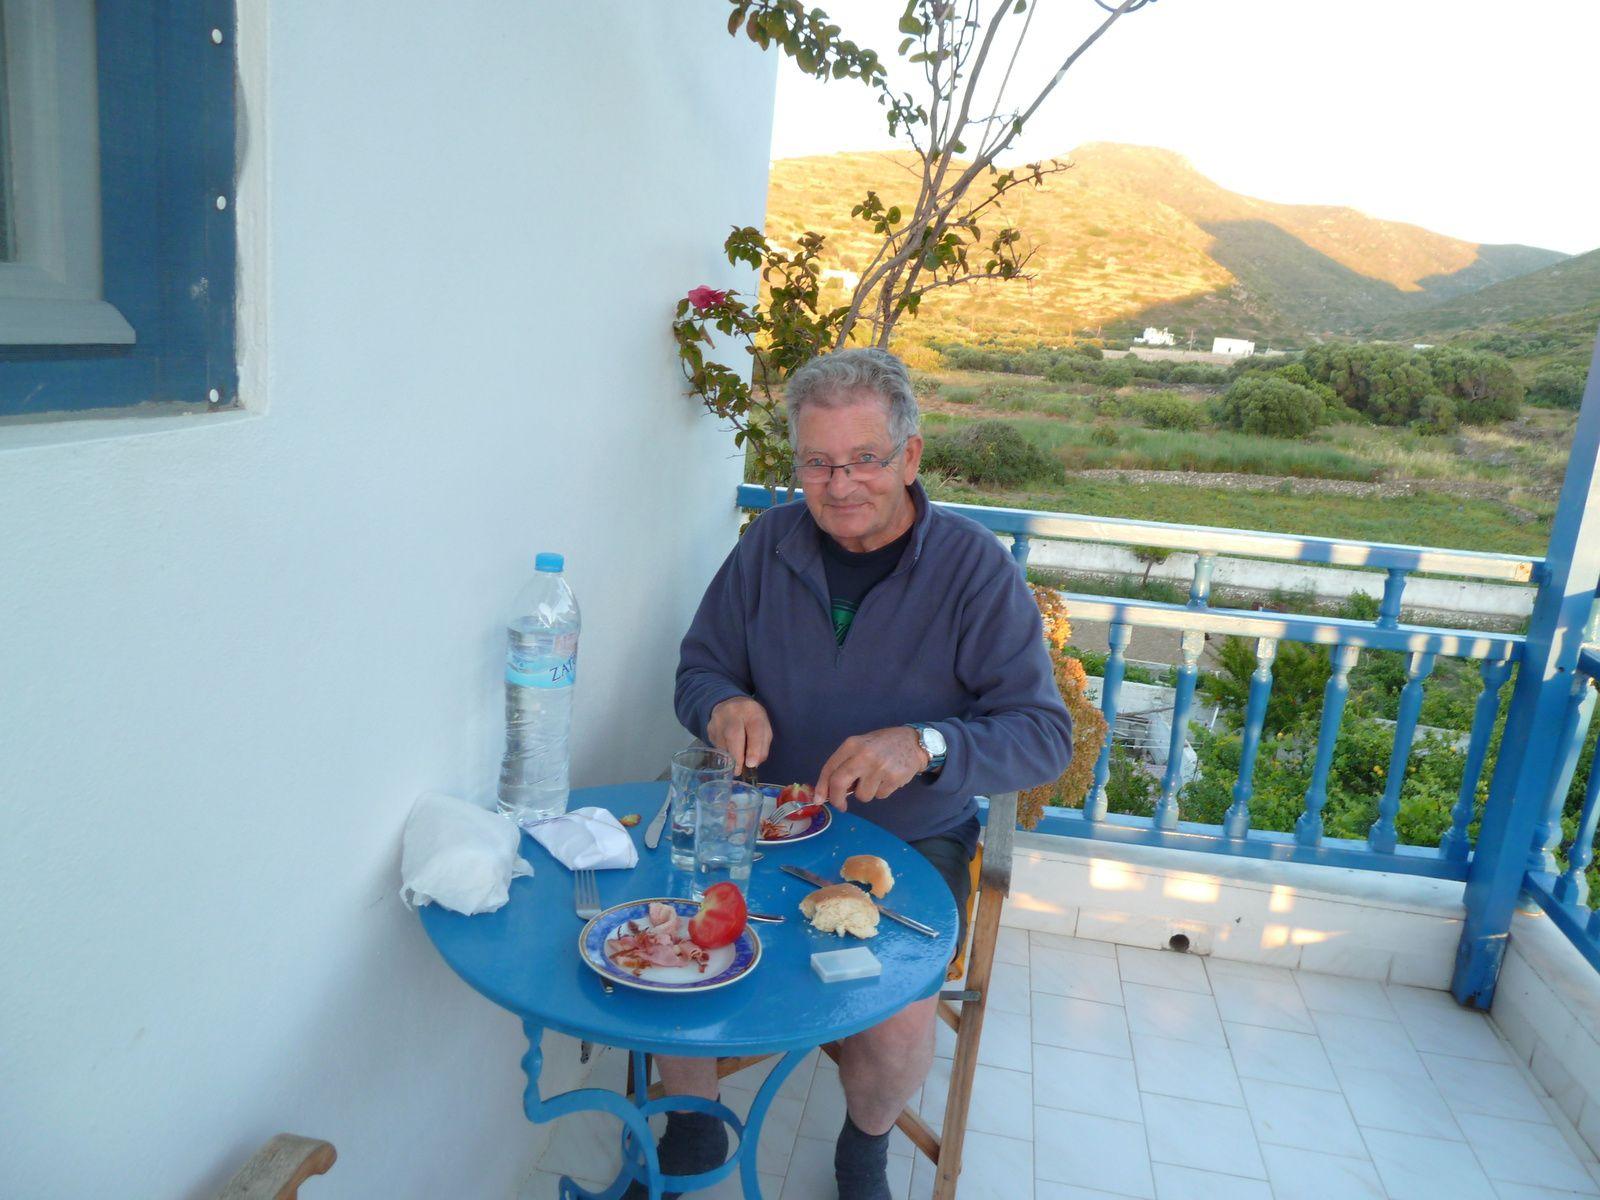 Une belle journée terminée par un dîner lever sur notre terrasse.